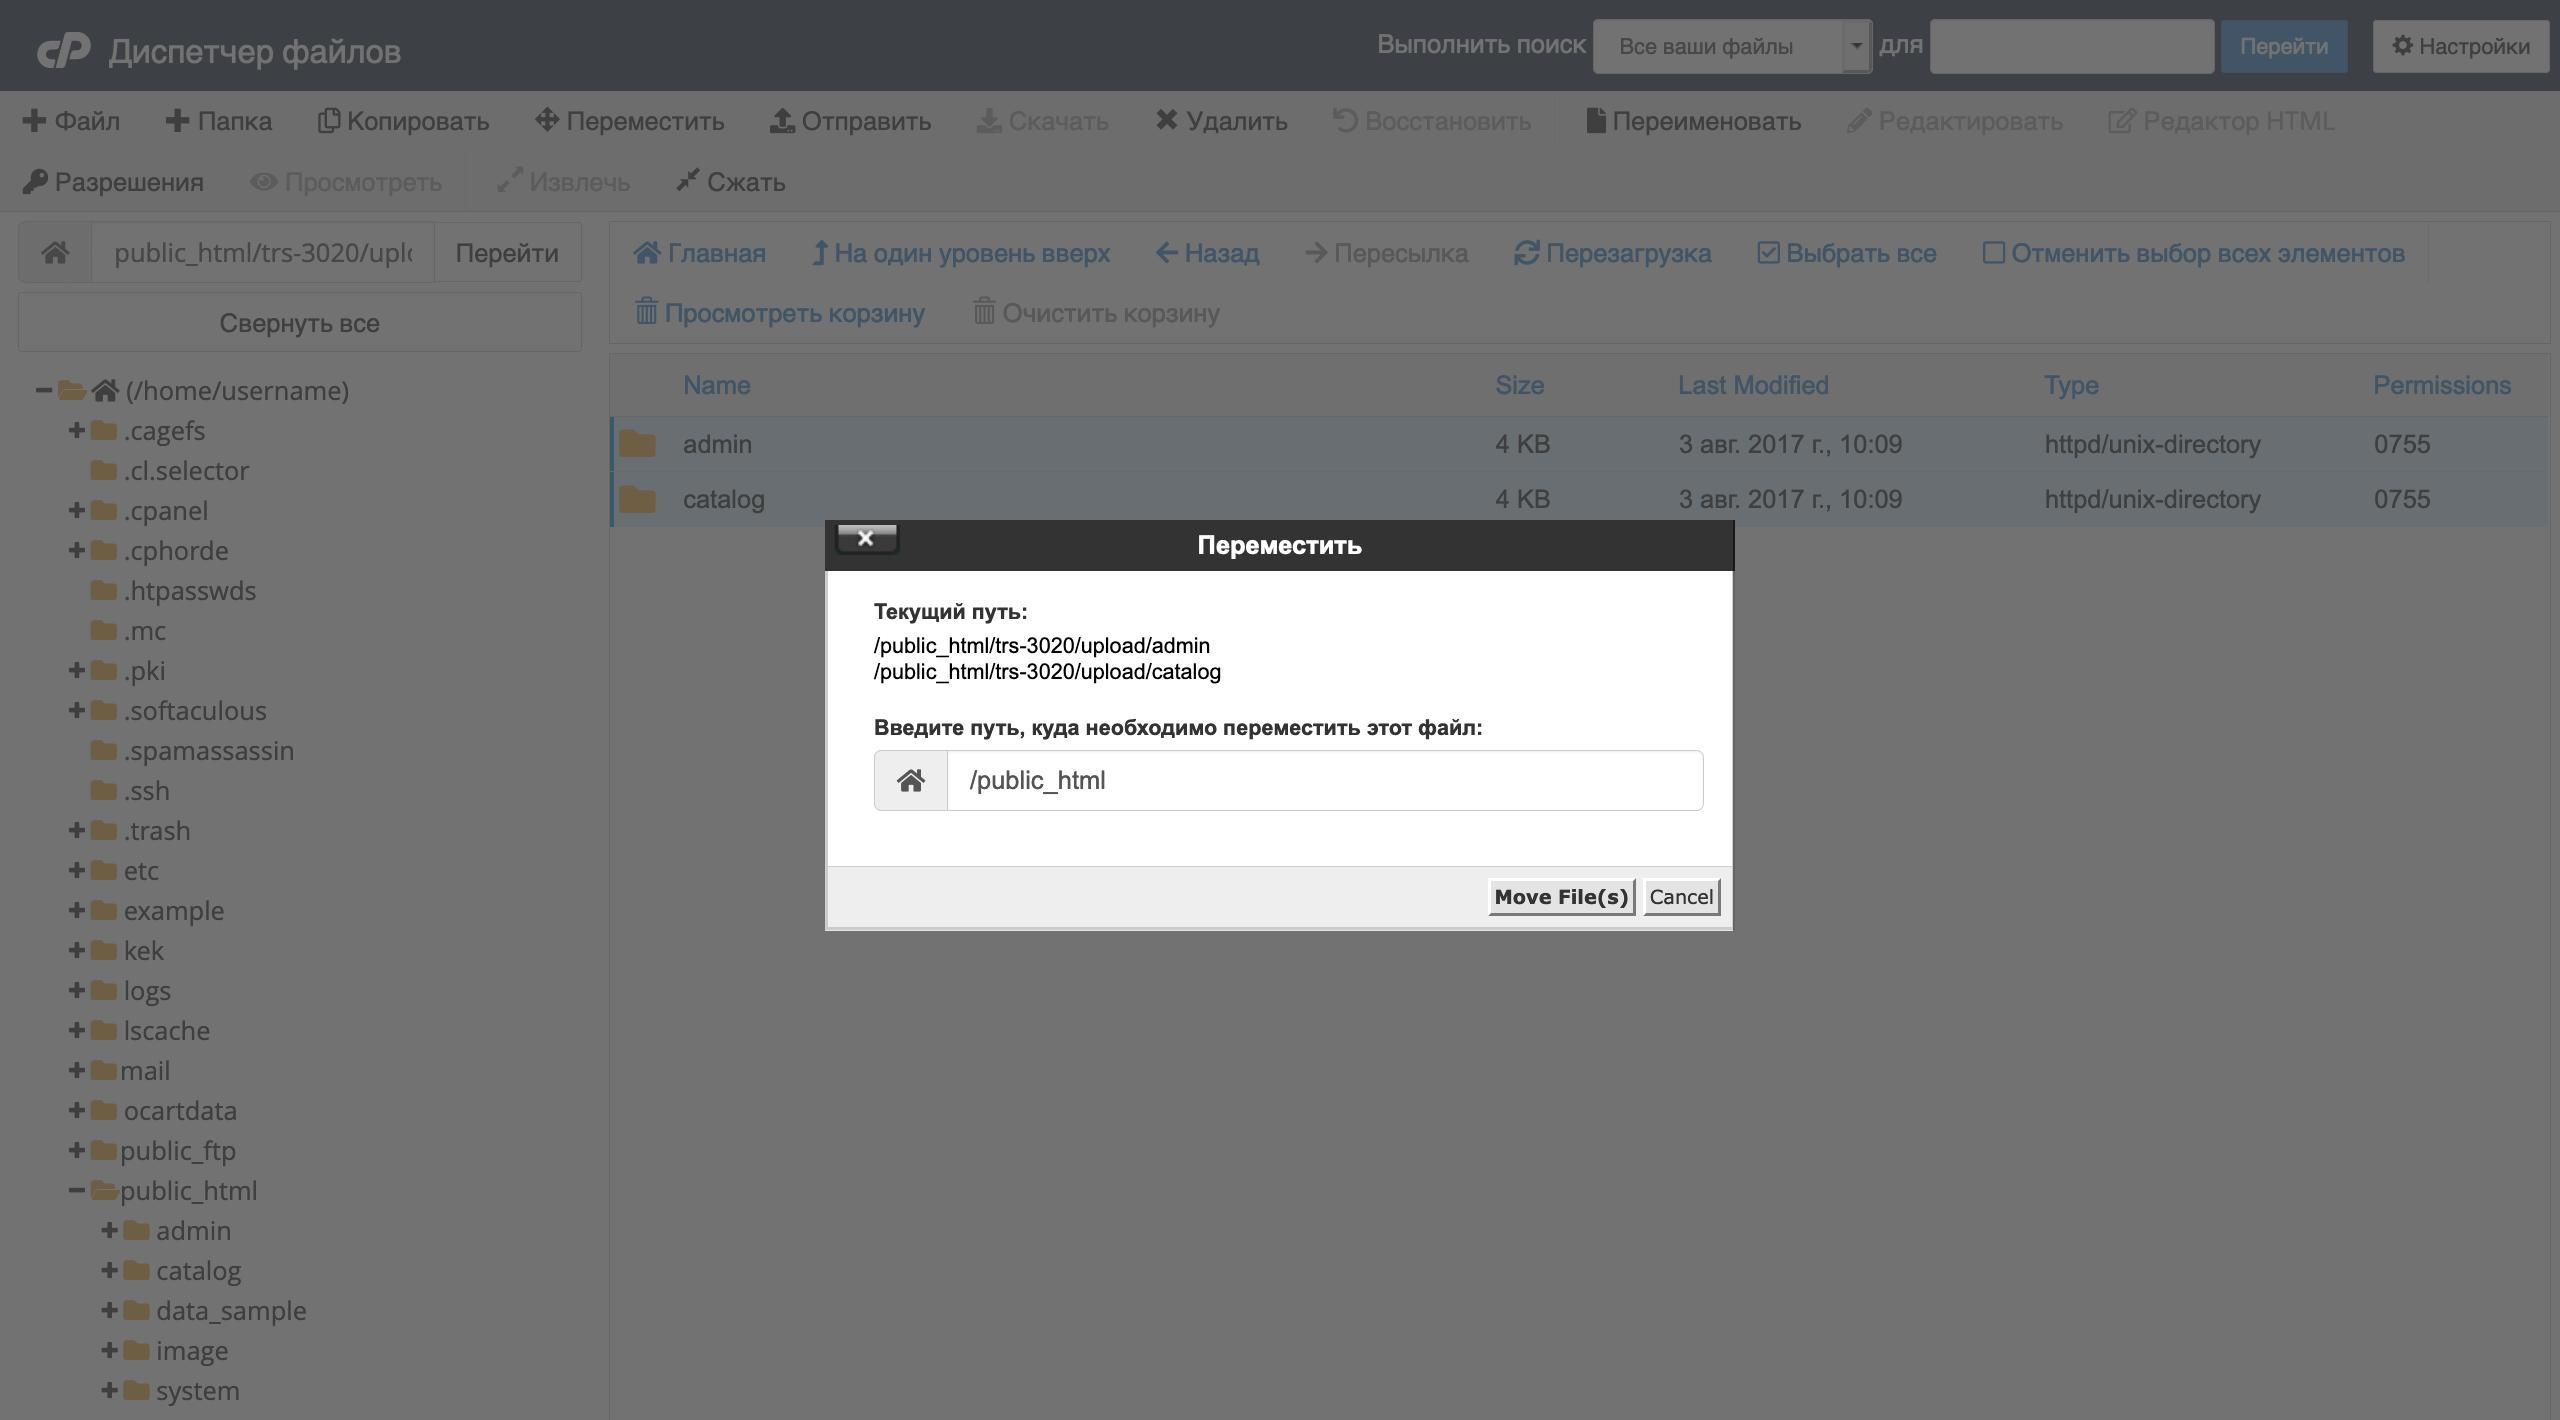 Всплывающее окно с путём перемещения файла в «Диспетчере файлов» в cPanel